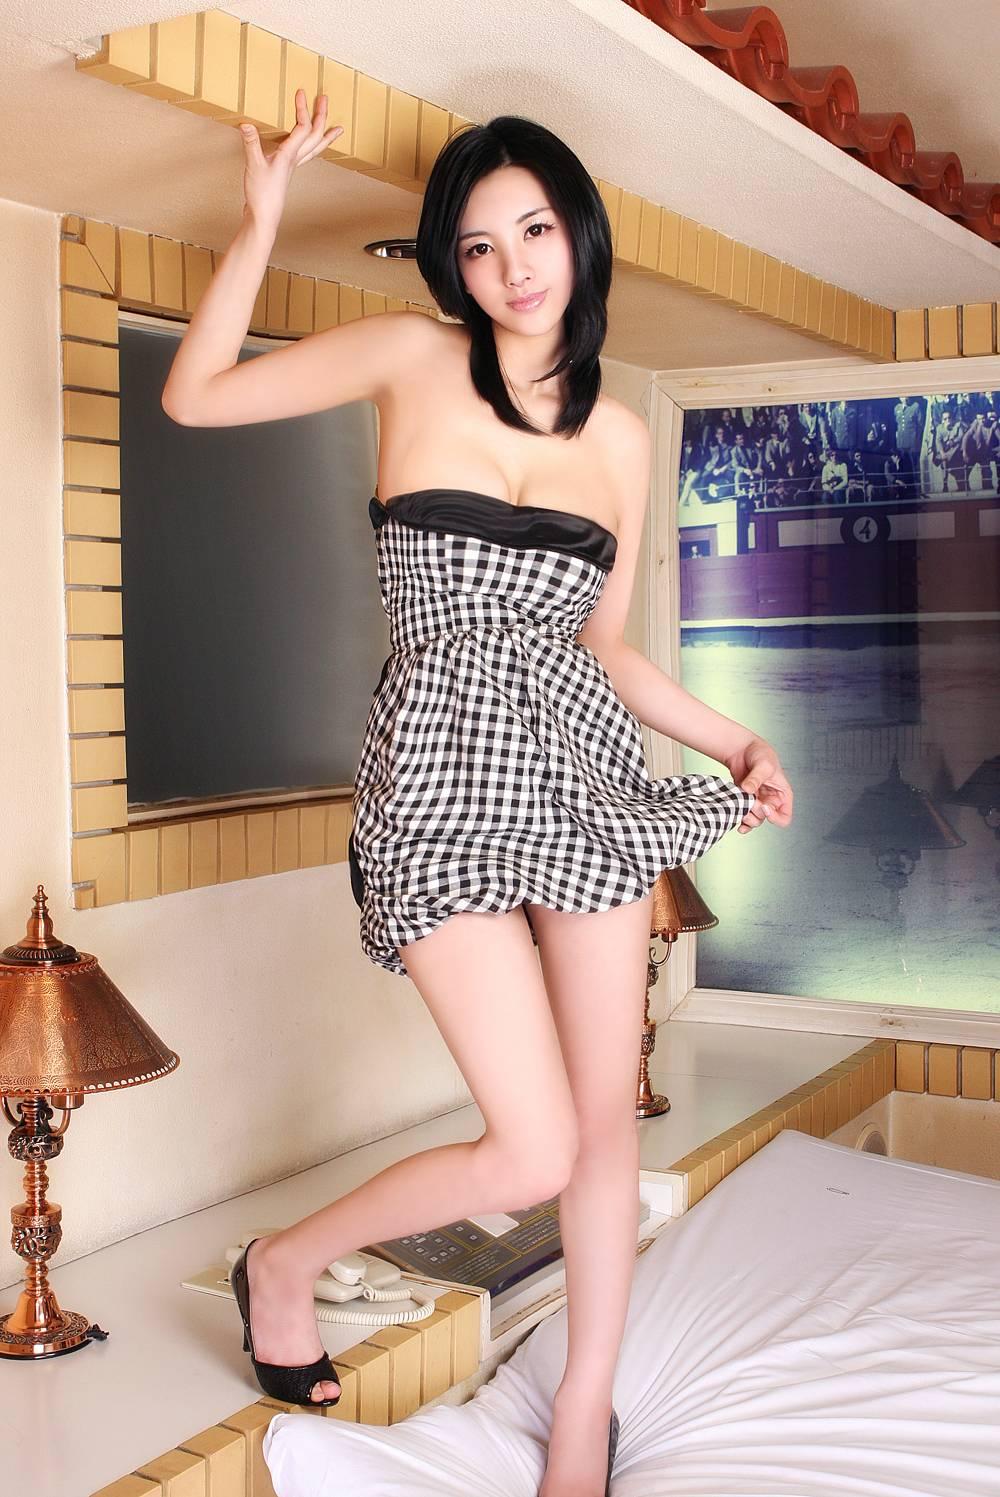 三次元 3次元 ミニスカ 美脚 エロ画像 べっぴん娘通信 10